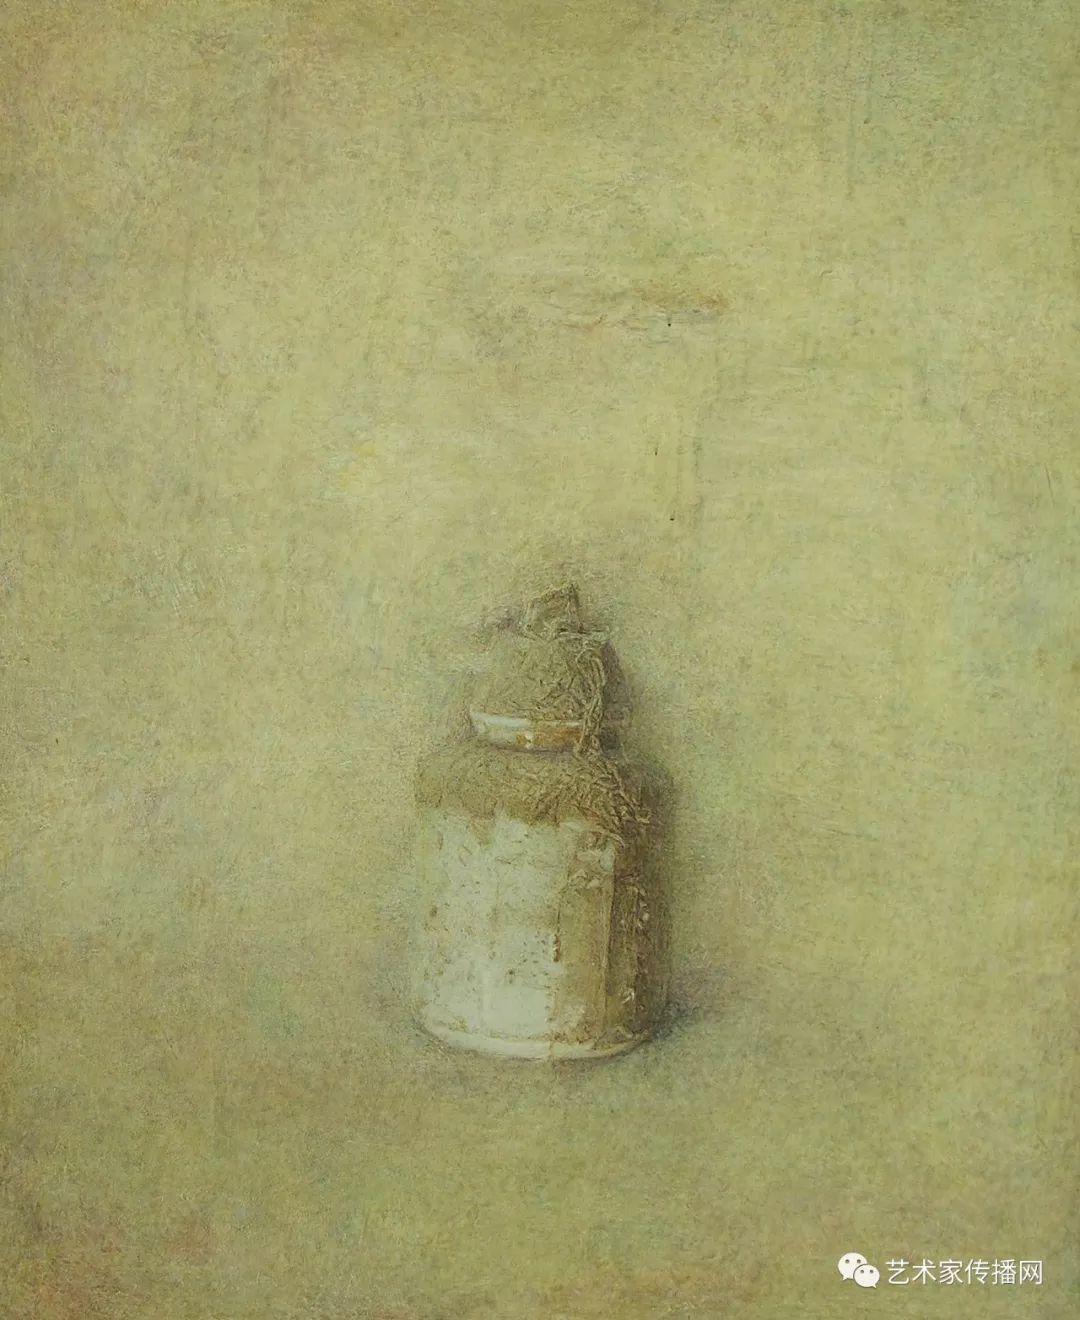 他只画老油灯空瓶子和女人体,却惊艳了整个画坛!插图111